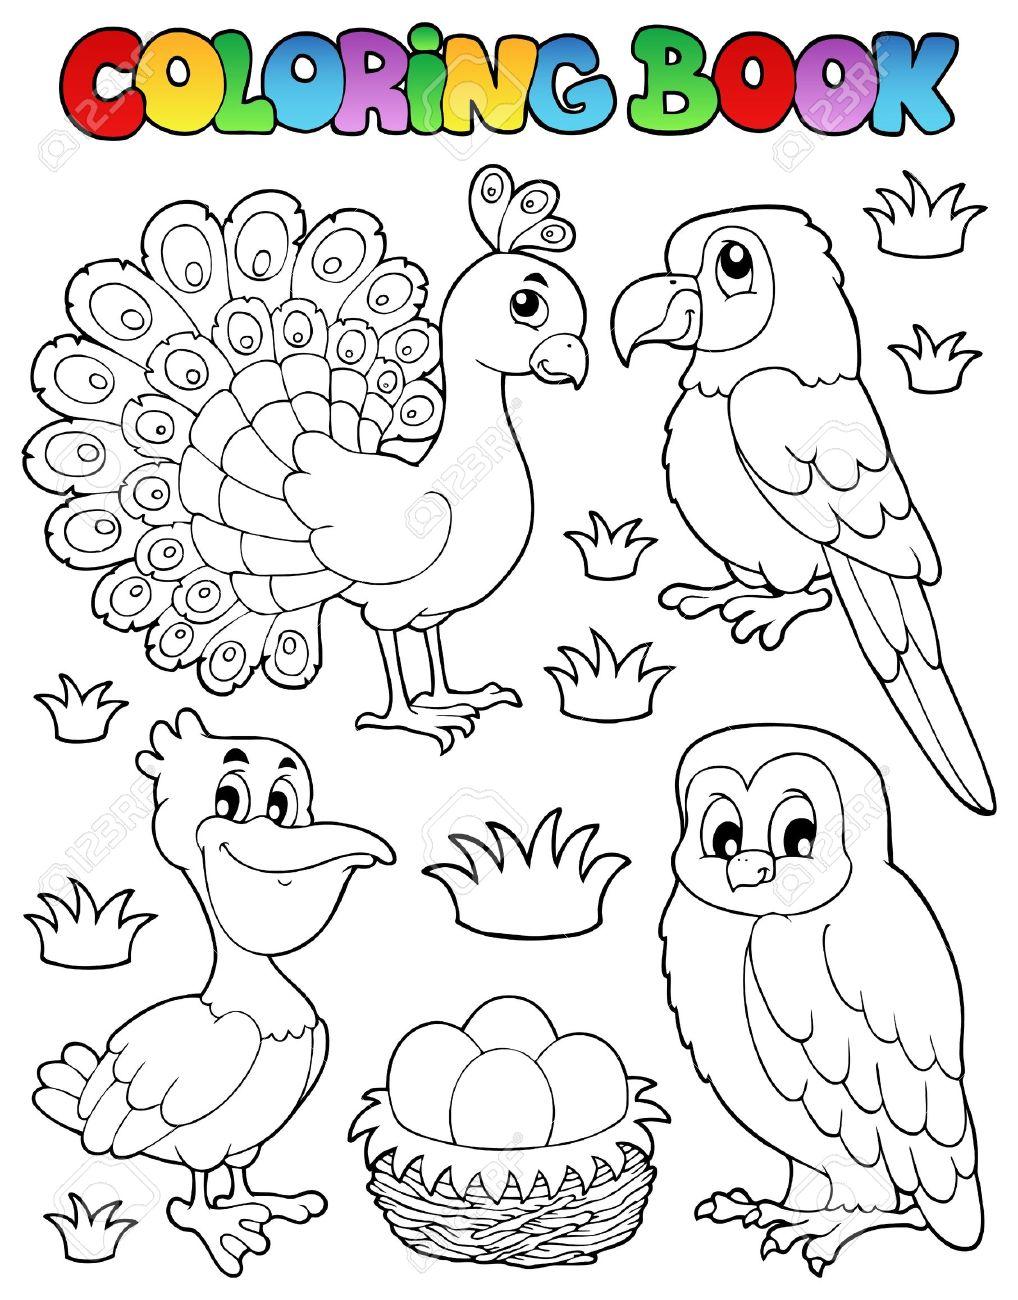 libro para colorear pjaro ilustracin imagen foto de archivo 16906795